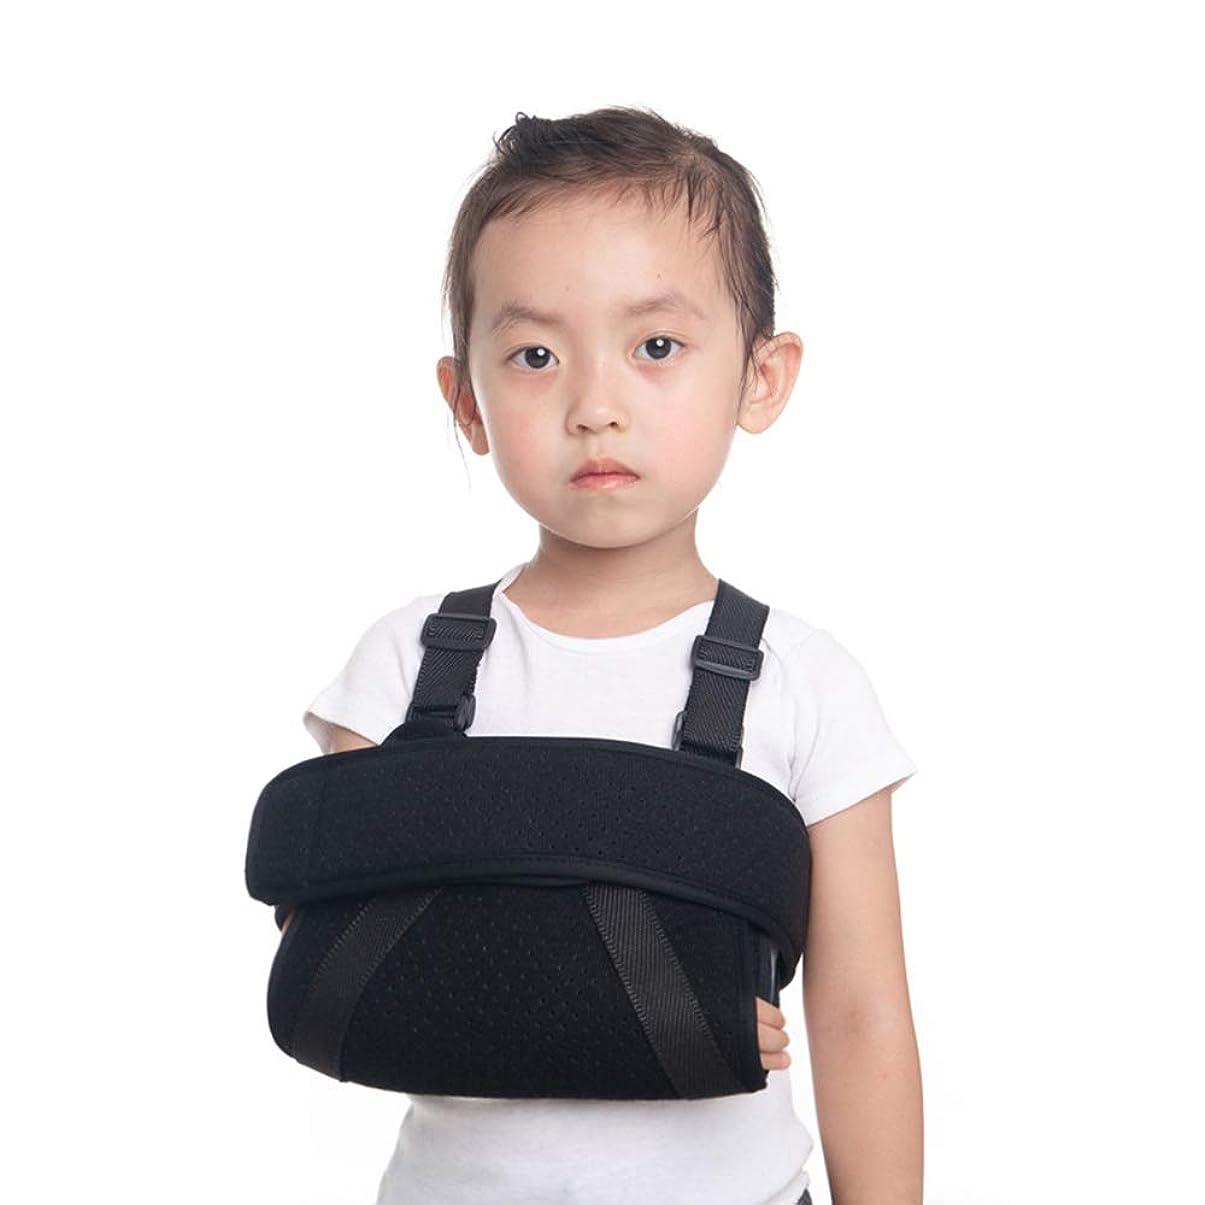 エイリアスまもなく脱獄キッズフラクチャリングスリング、アームエルボーフラクチャ固定ブレース、6-10歳の子供の 手首脱臼保護サポート,S